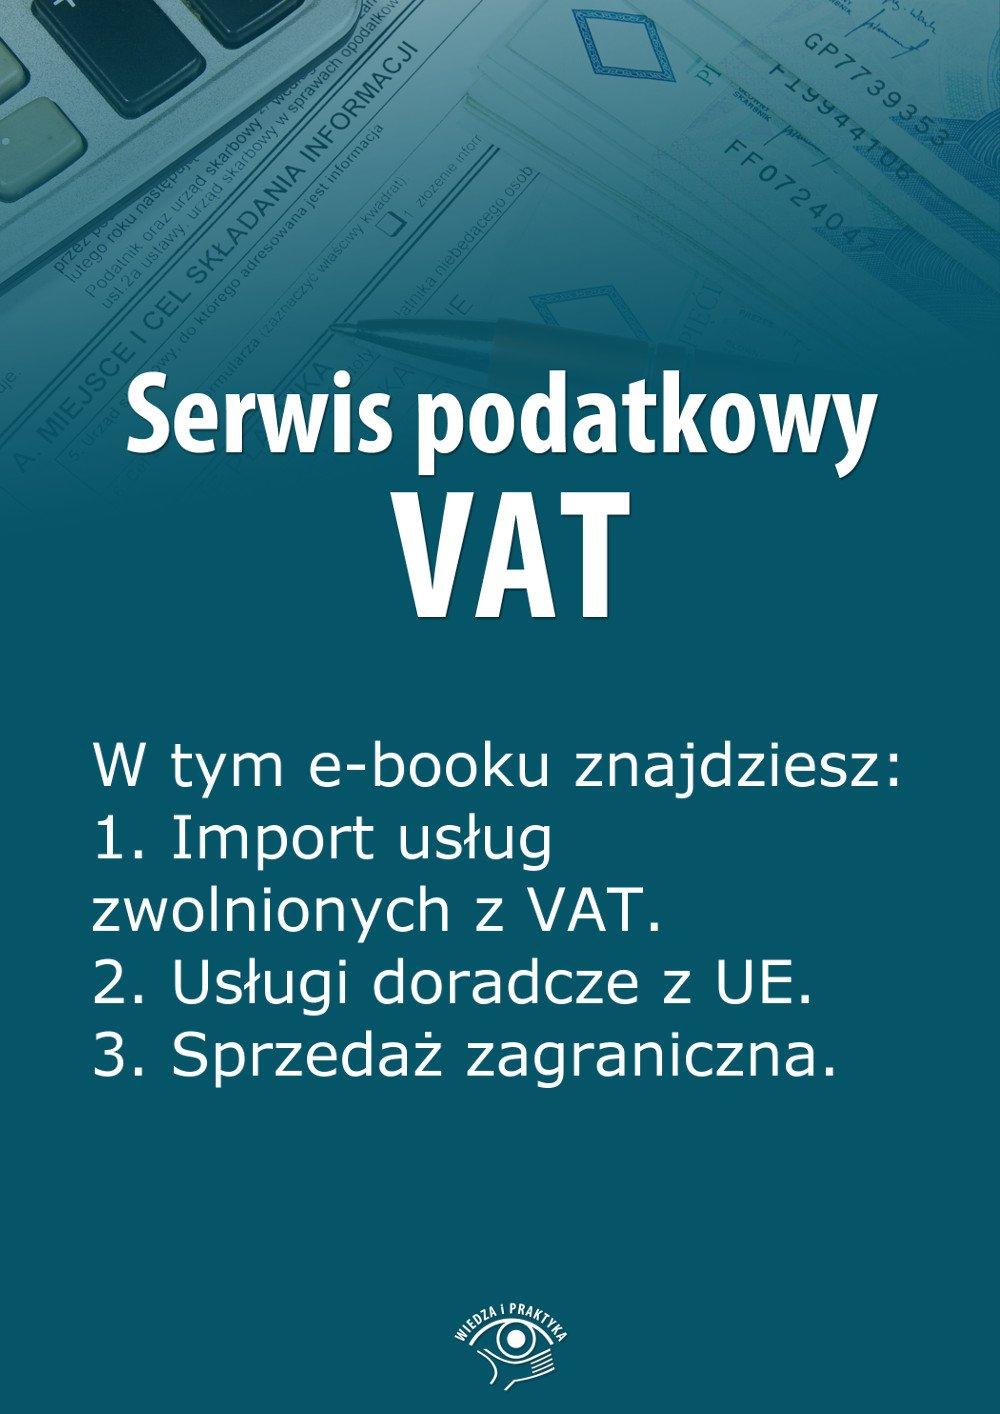 Serwis podatkowy VAT. Wydanie marzec 2014 r. - Ebook (Książka EPUB) do pobrania w formacie EPUB